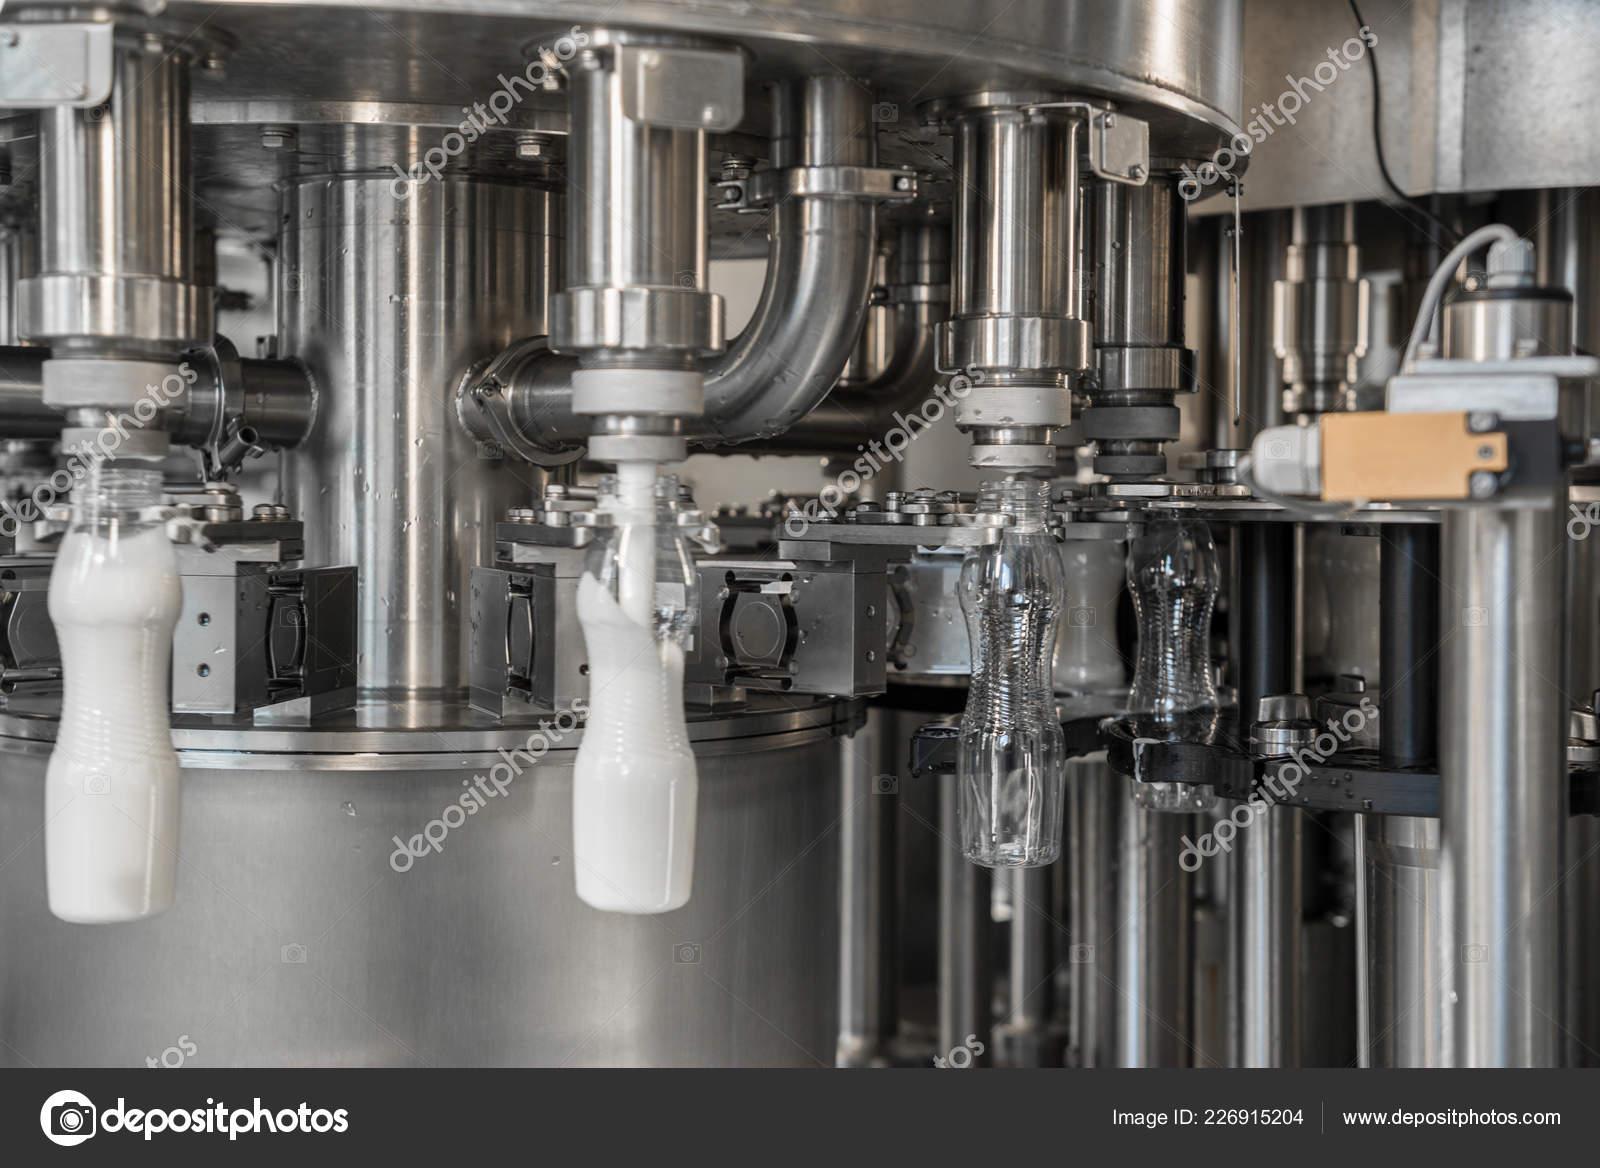 Süt Fabrikası Nda Plastik şişeler Için Onun Yerine Süt Tesisi Stok